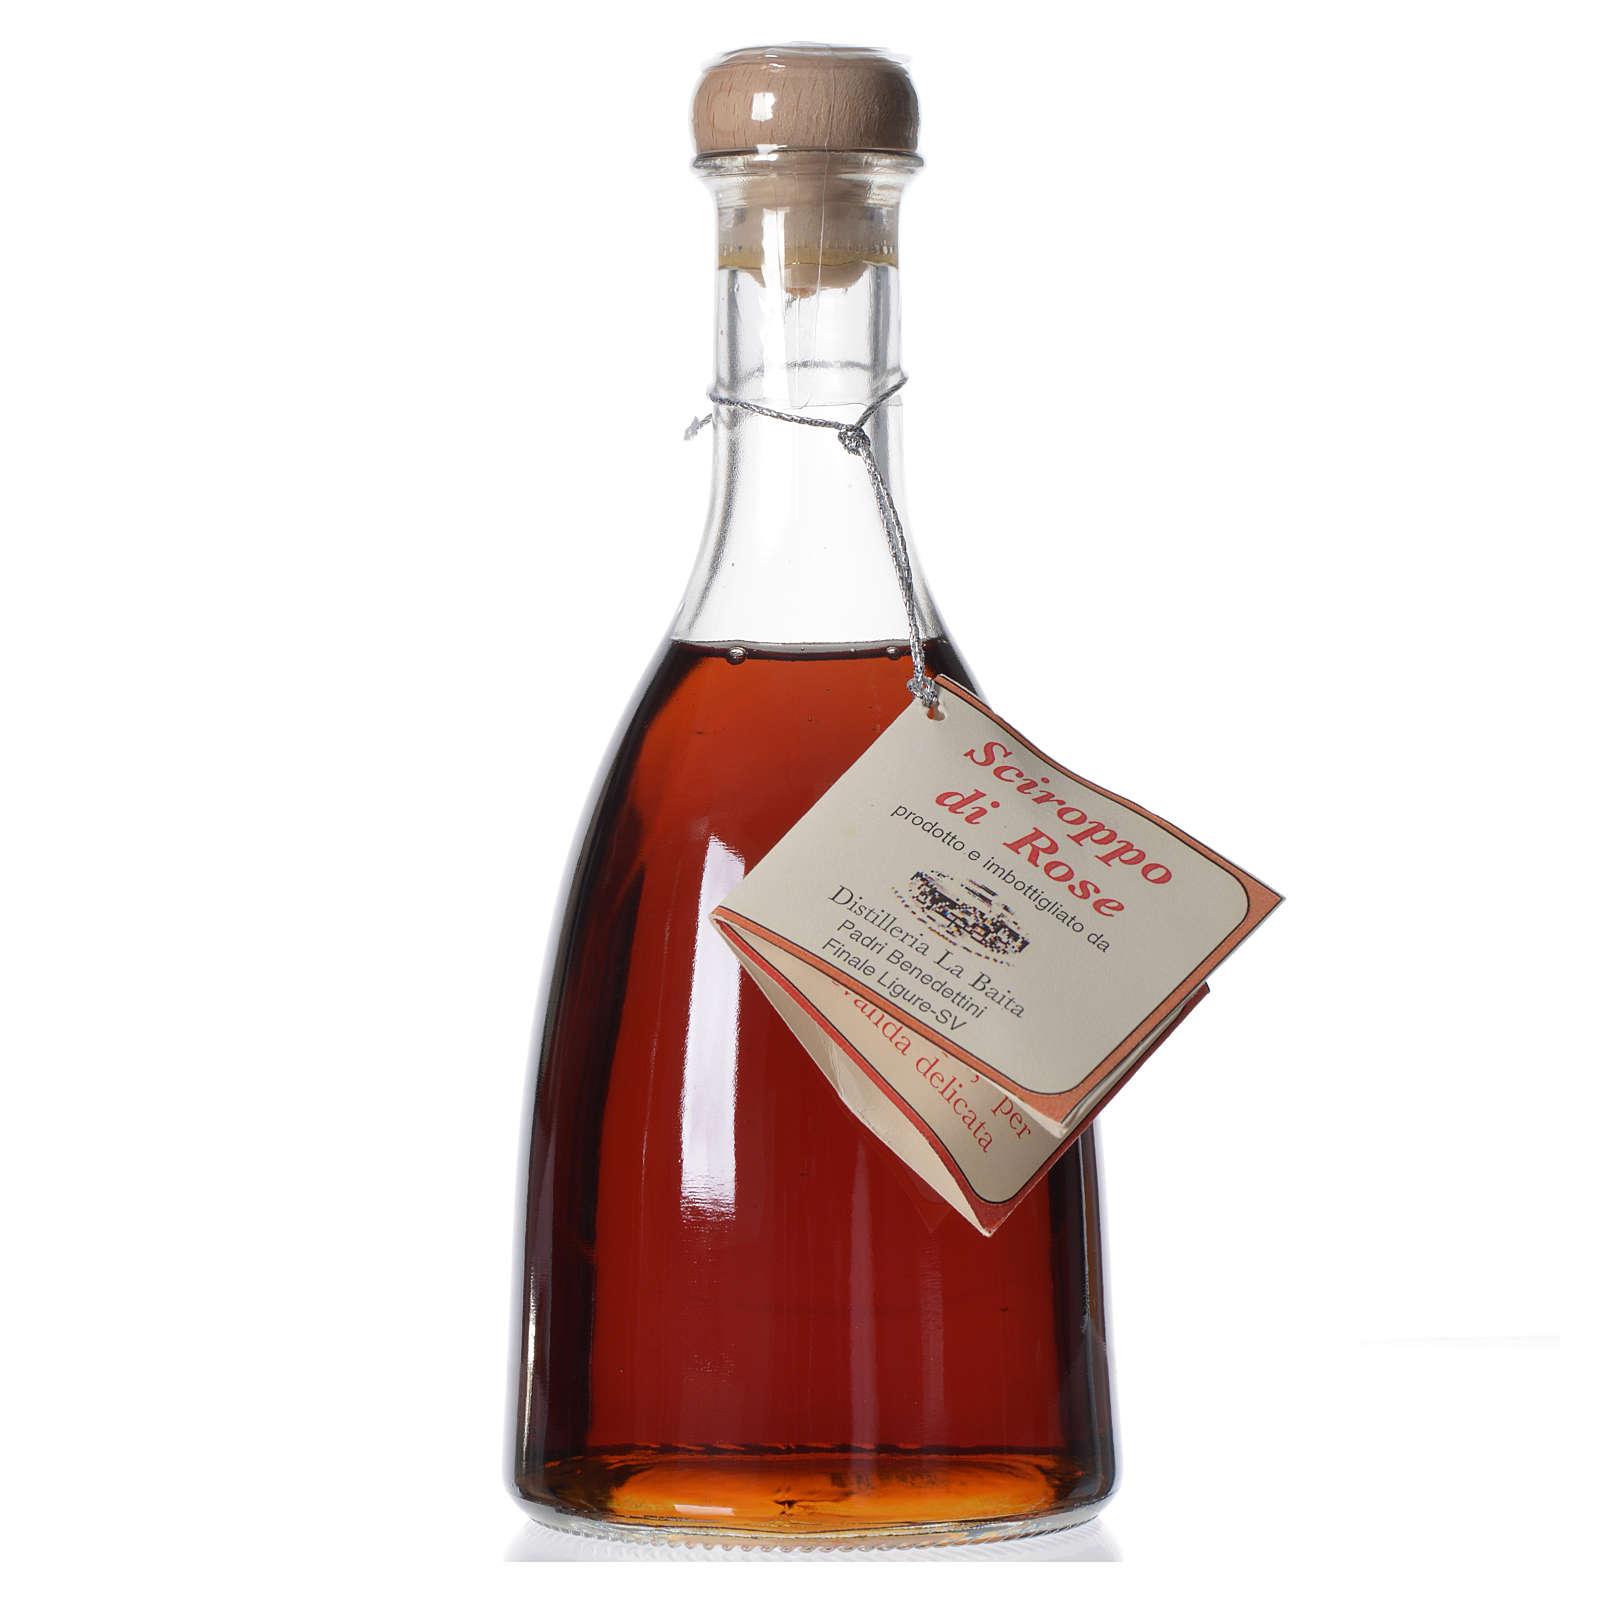 Sciroppo infuso alla rosa 500 ml Finale Ligure 3